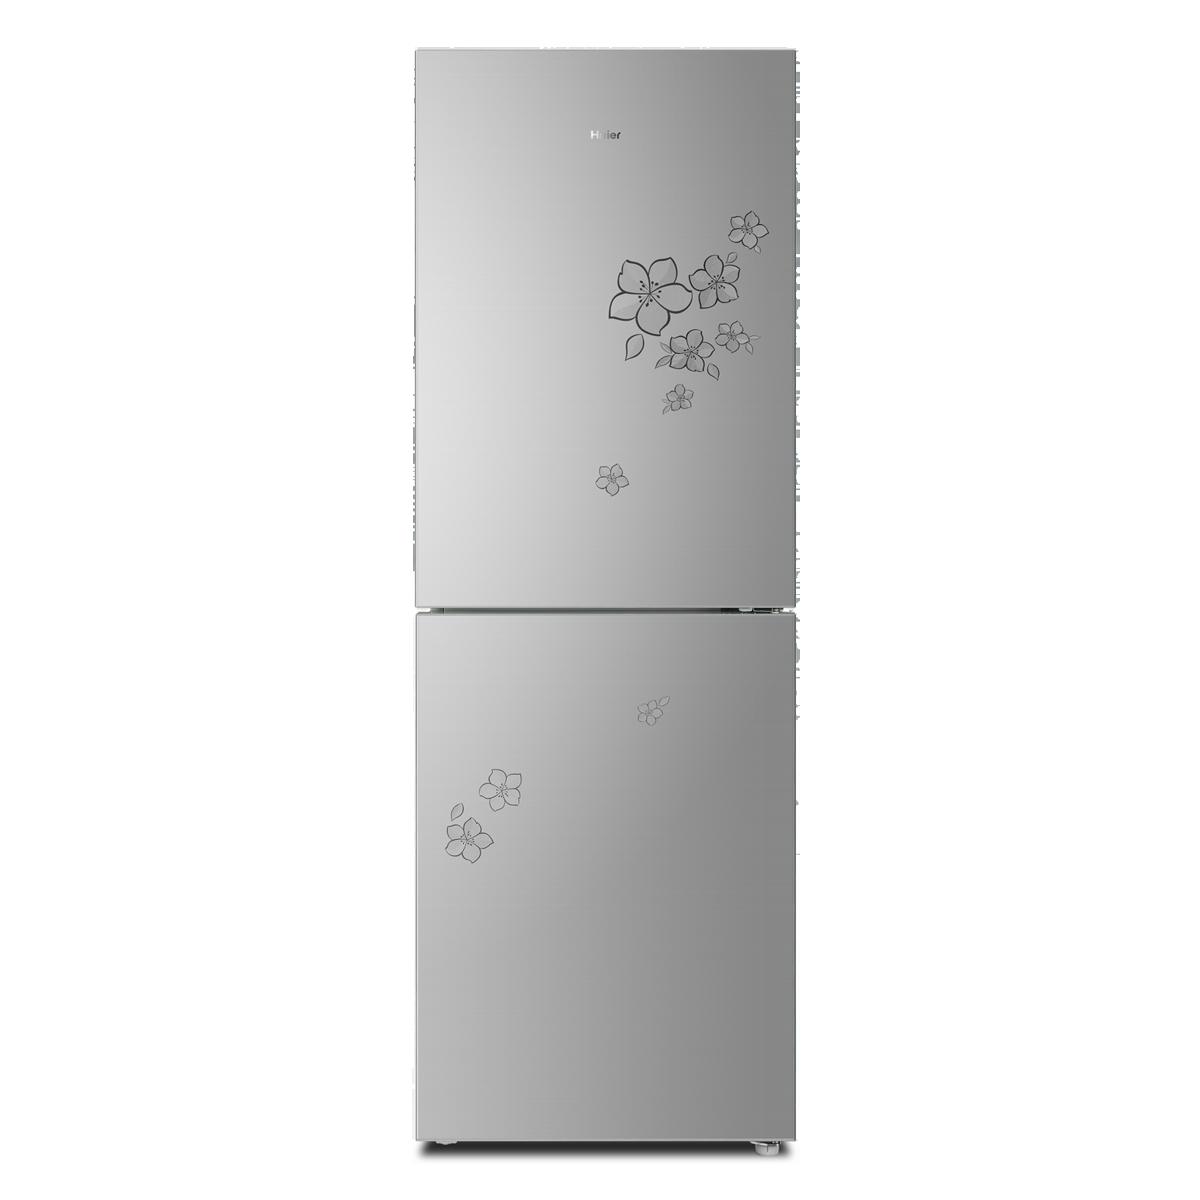 海尔Haier冰箱 BCD-206KCJ 说明书